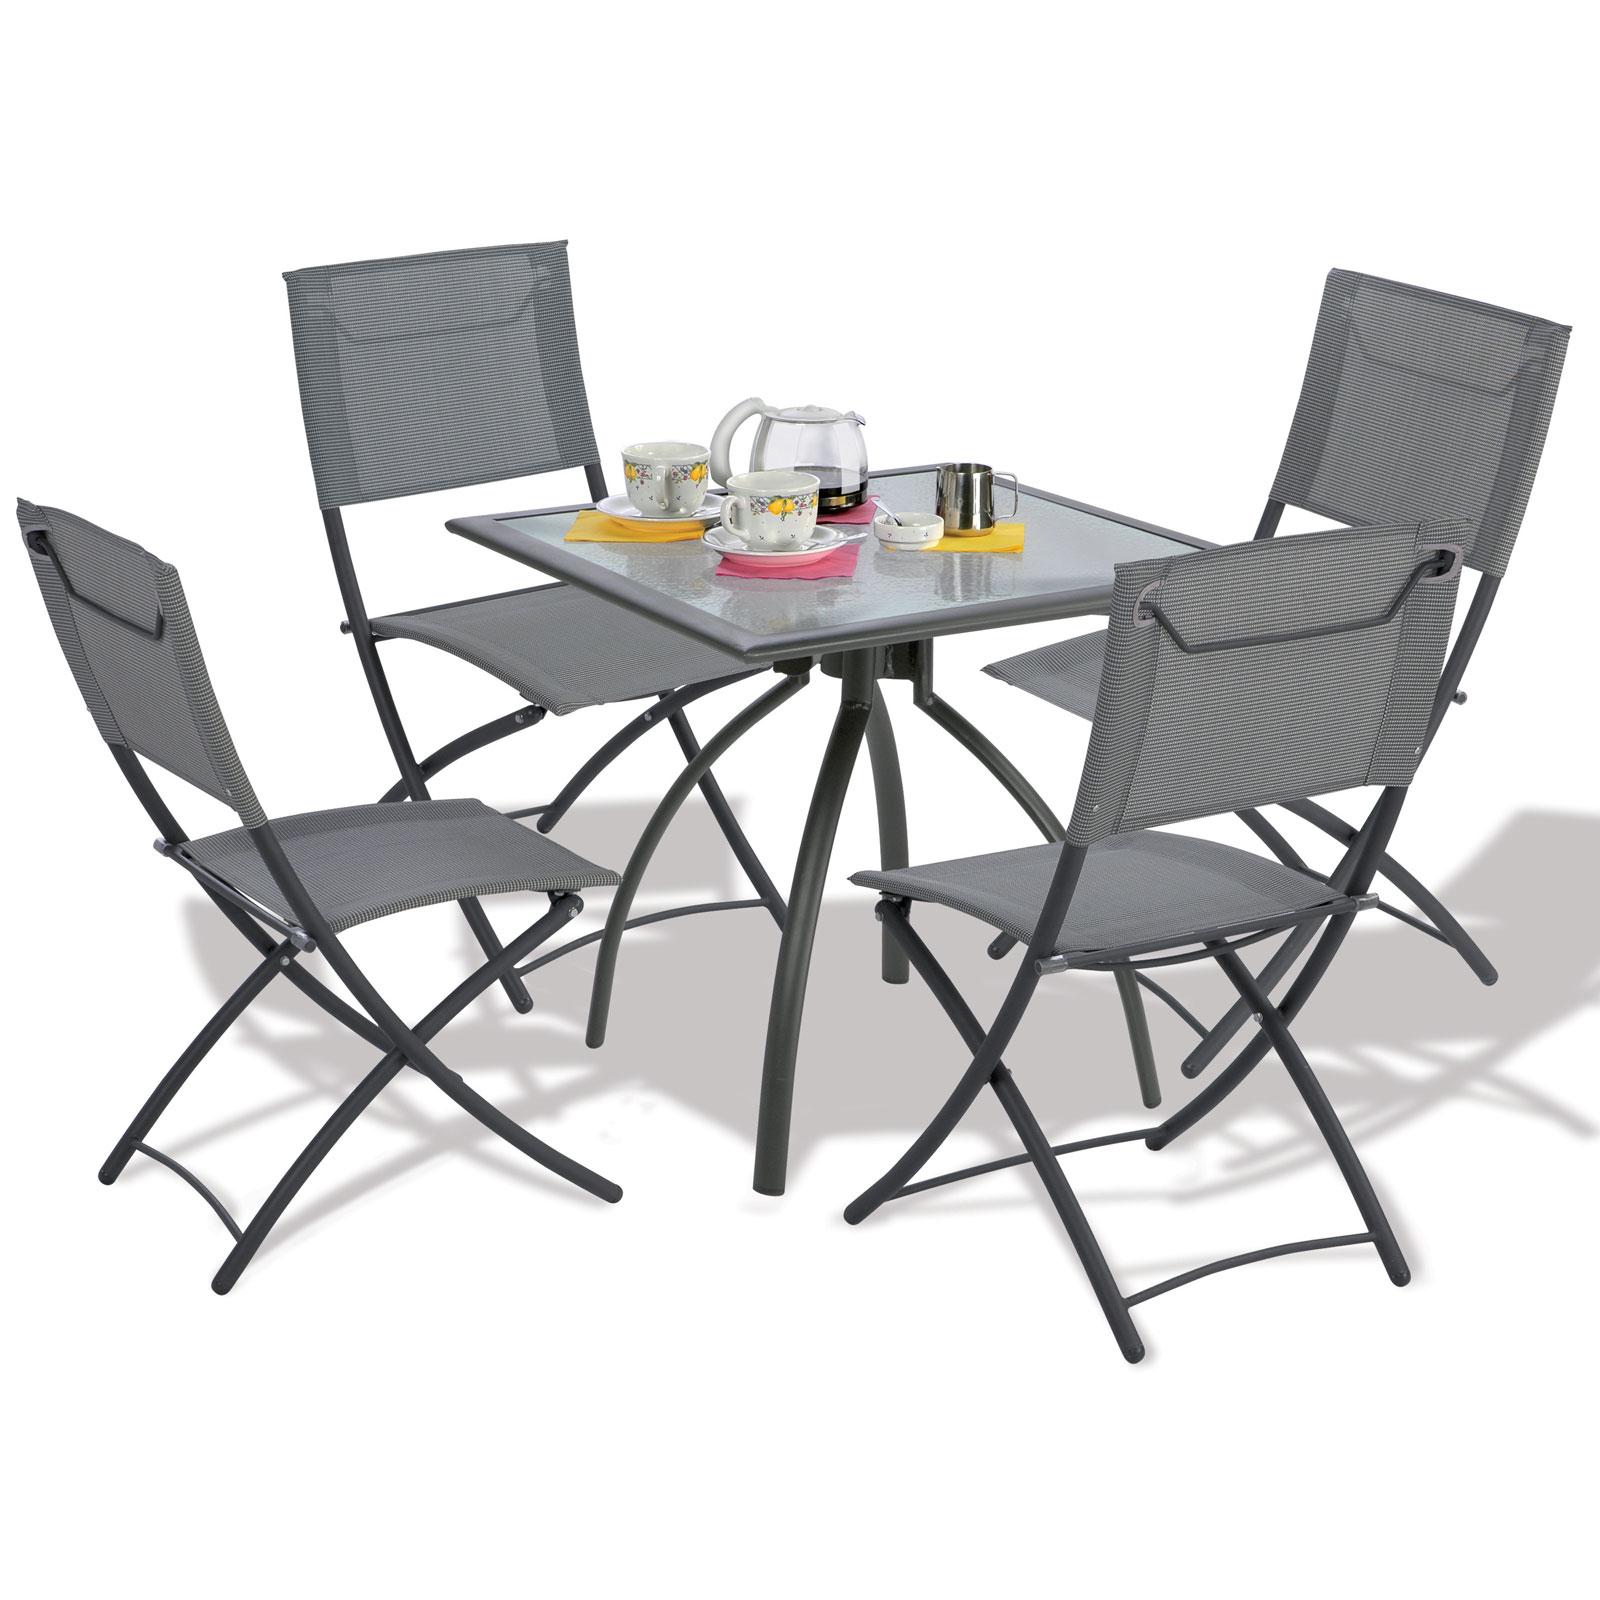 Table et chaise de jardin pas cher en plastique veranda - Table et chaise de jardin plastique ...